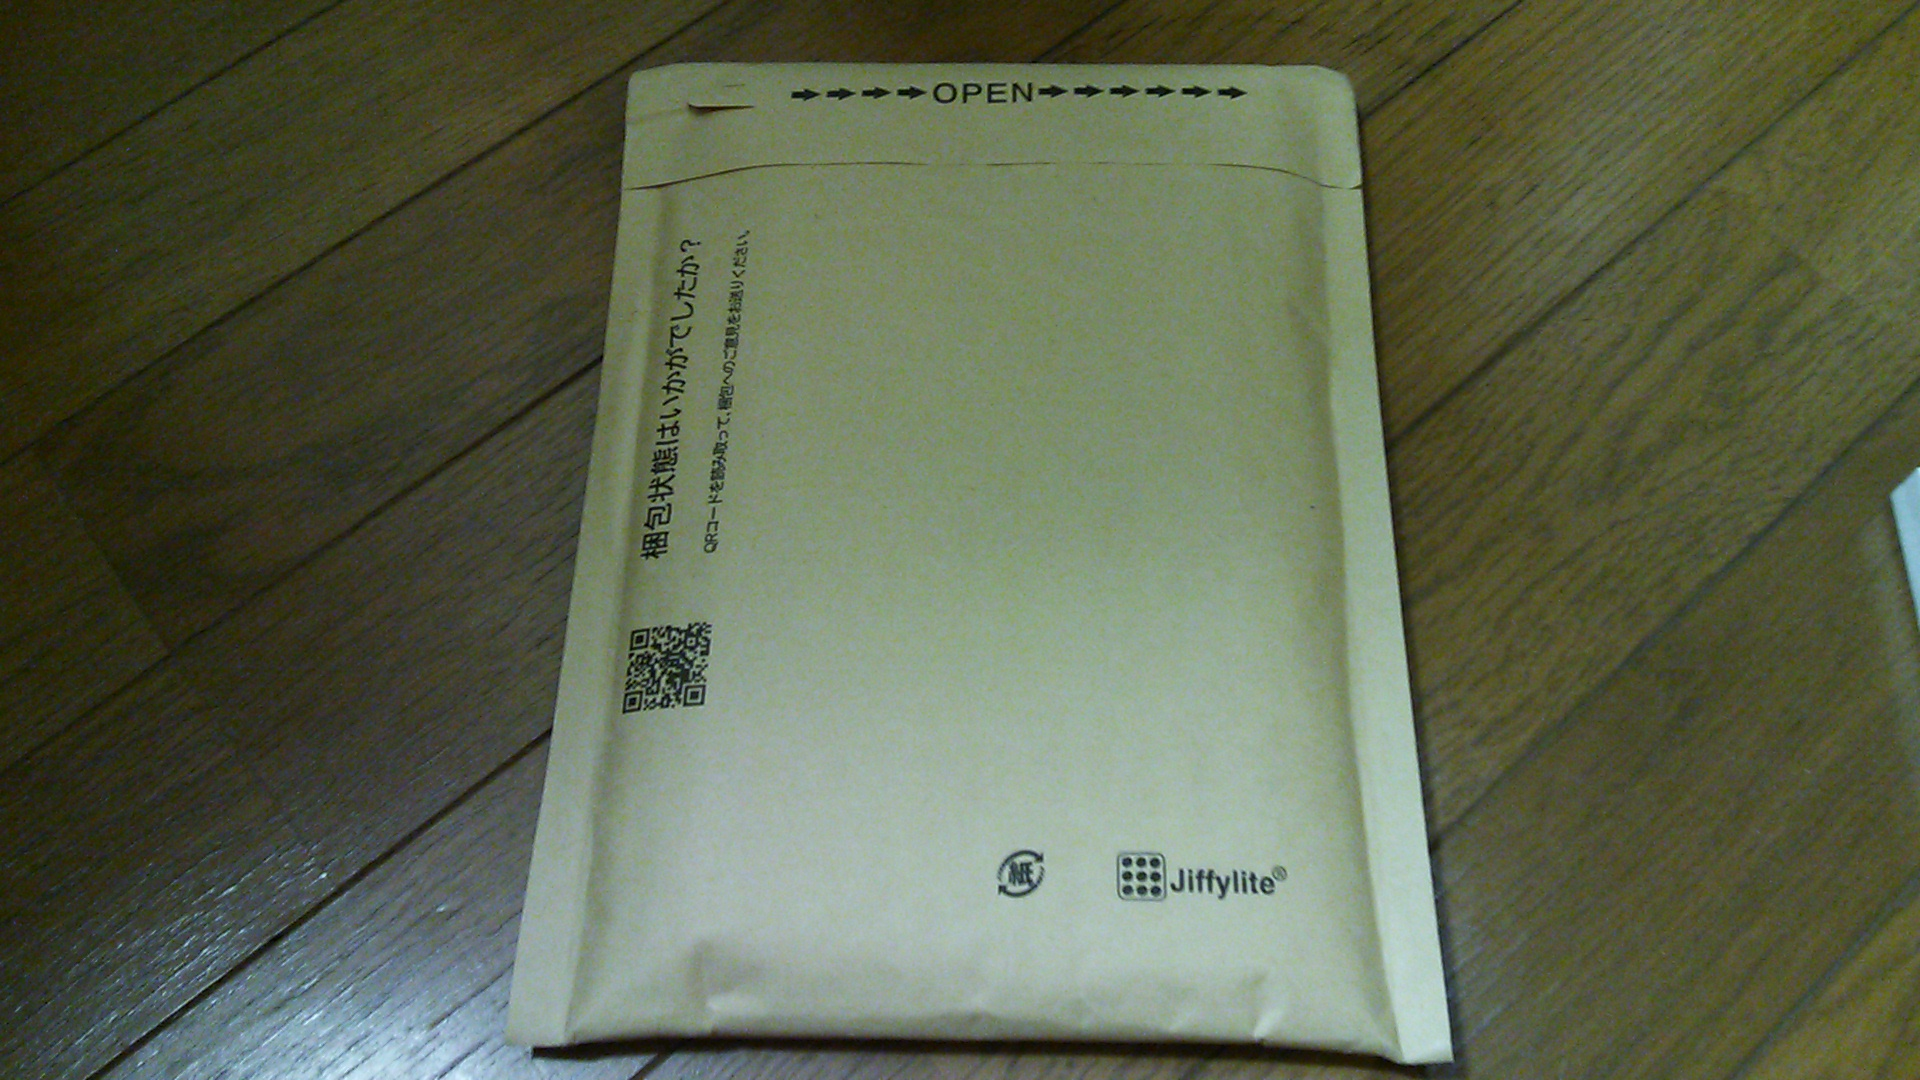 【買い物】「ロックスター・クラシックス グランド・セフト・オートIV:コンプリート・エディション」